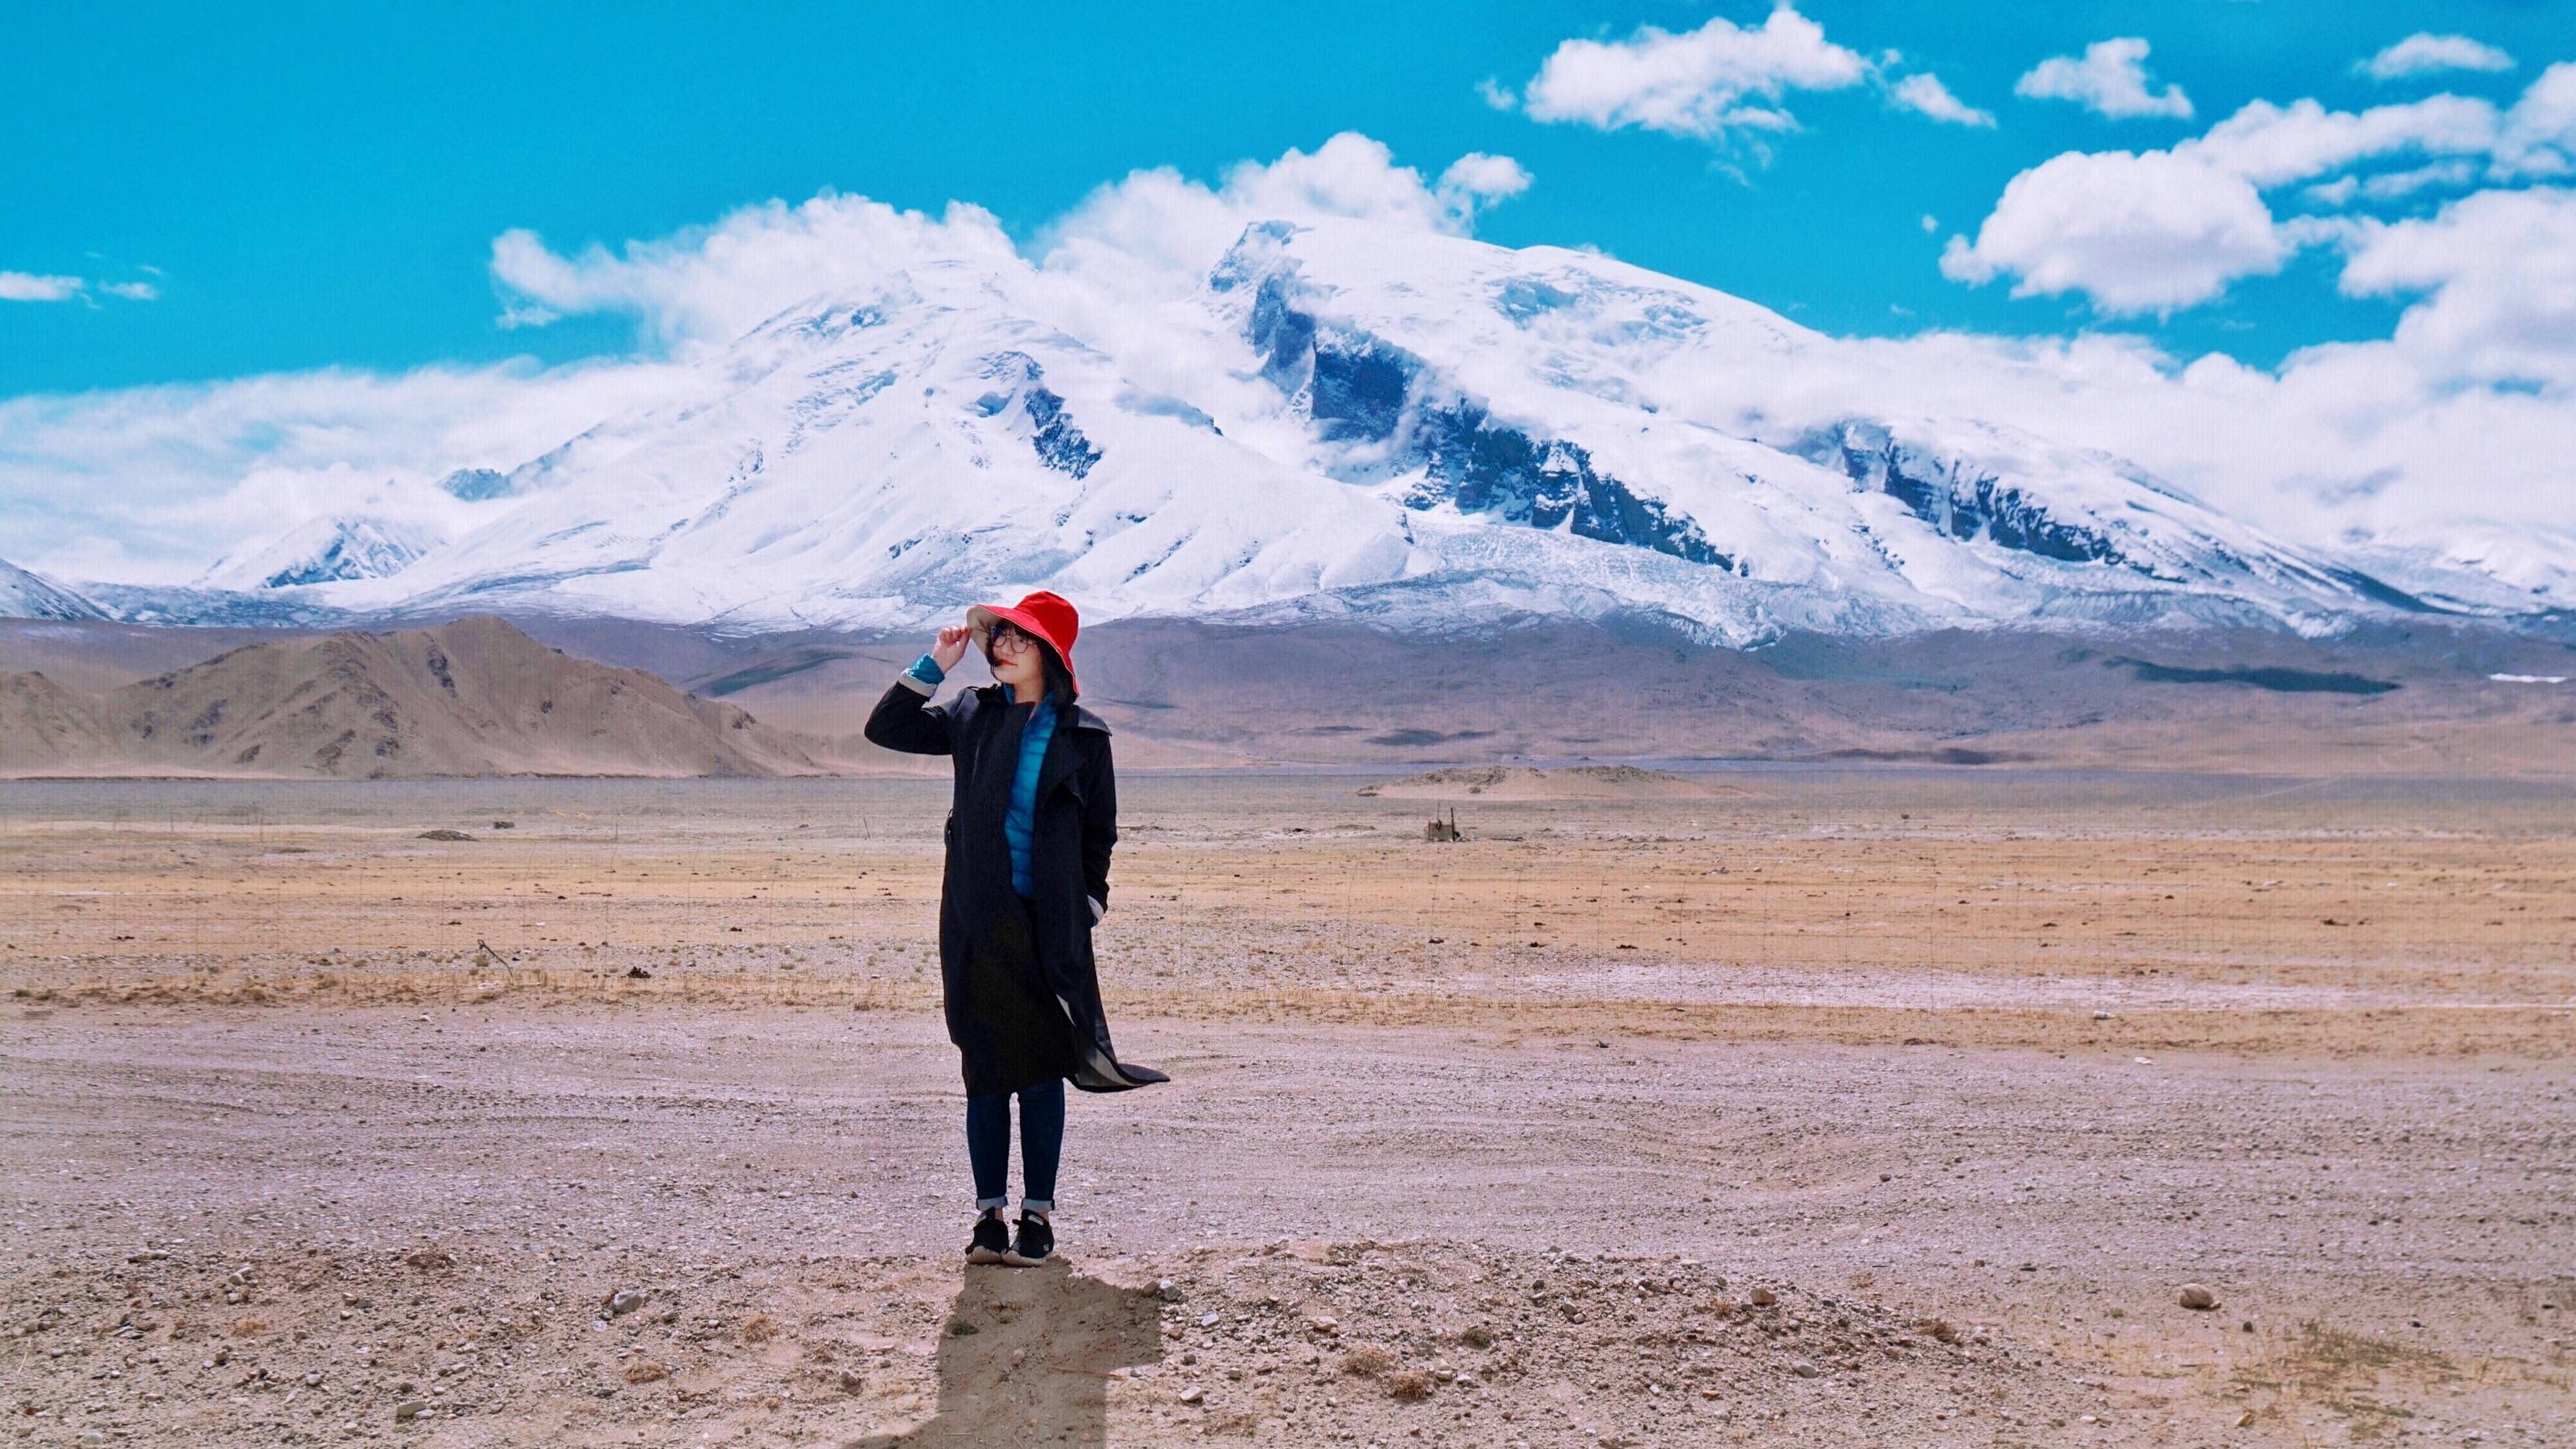 穿过沙漠,攀过雪山,走过一趟西域之旅【南疆】